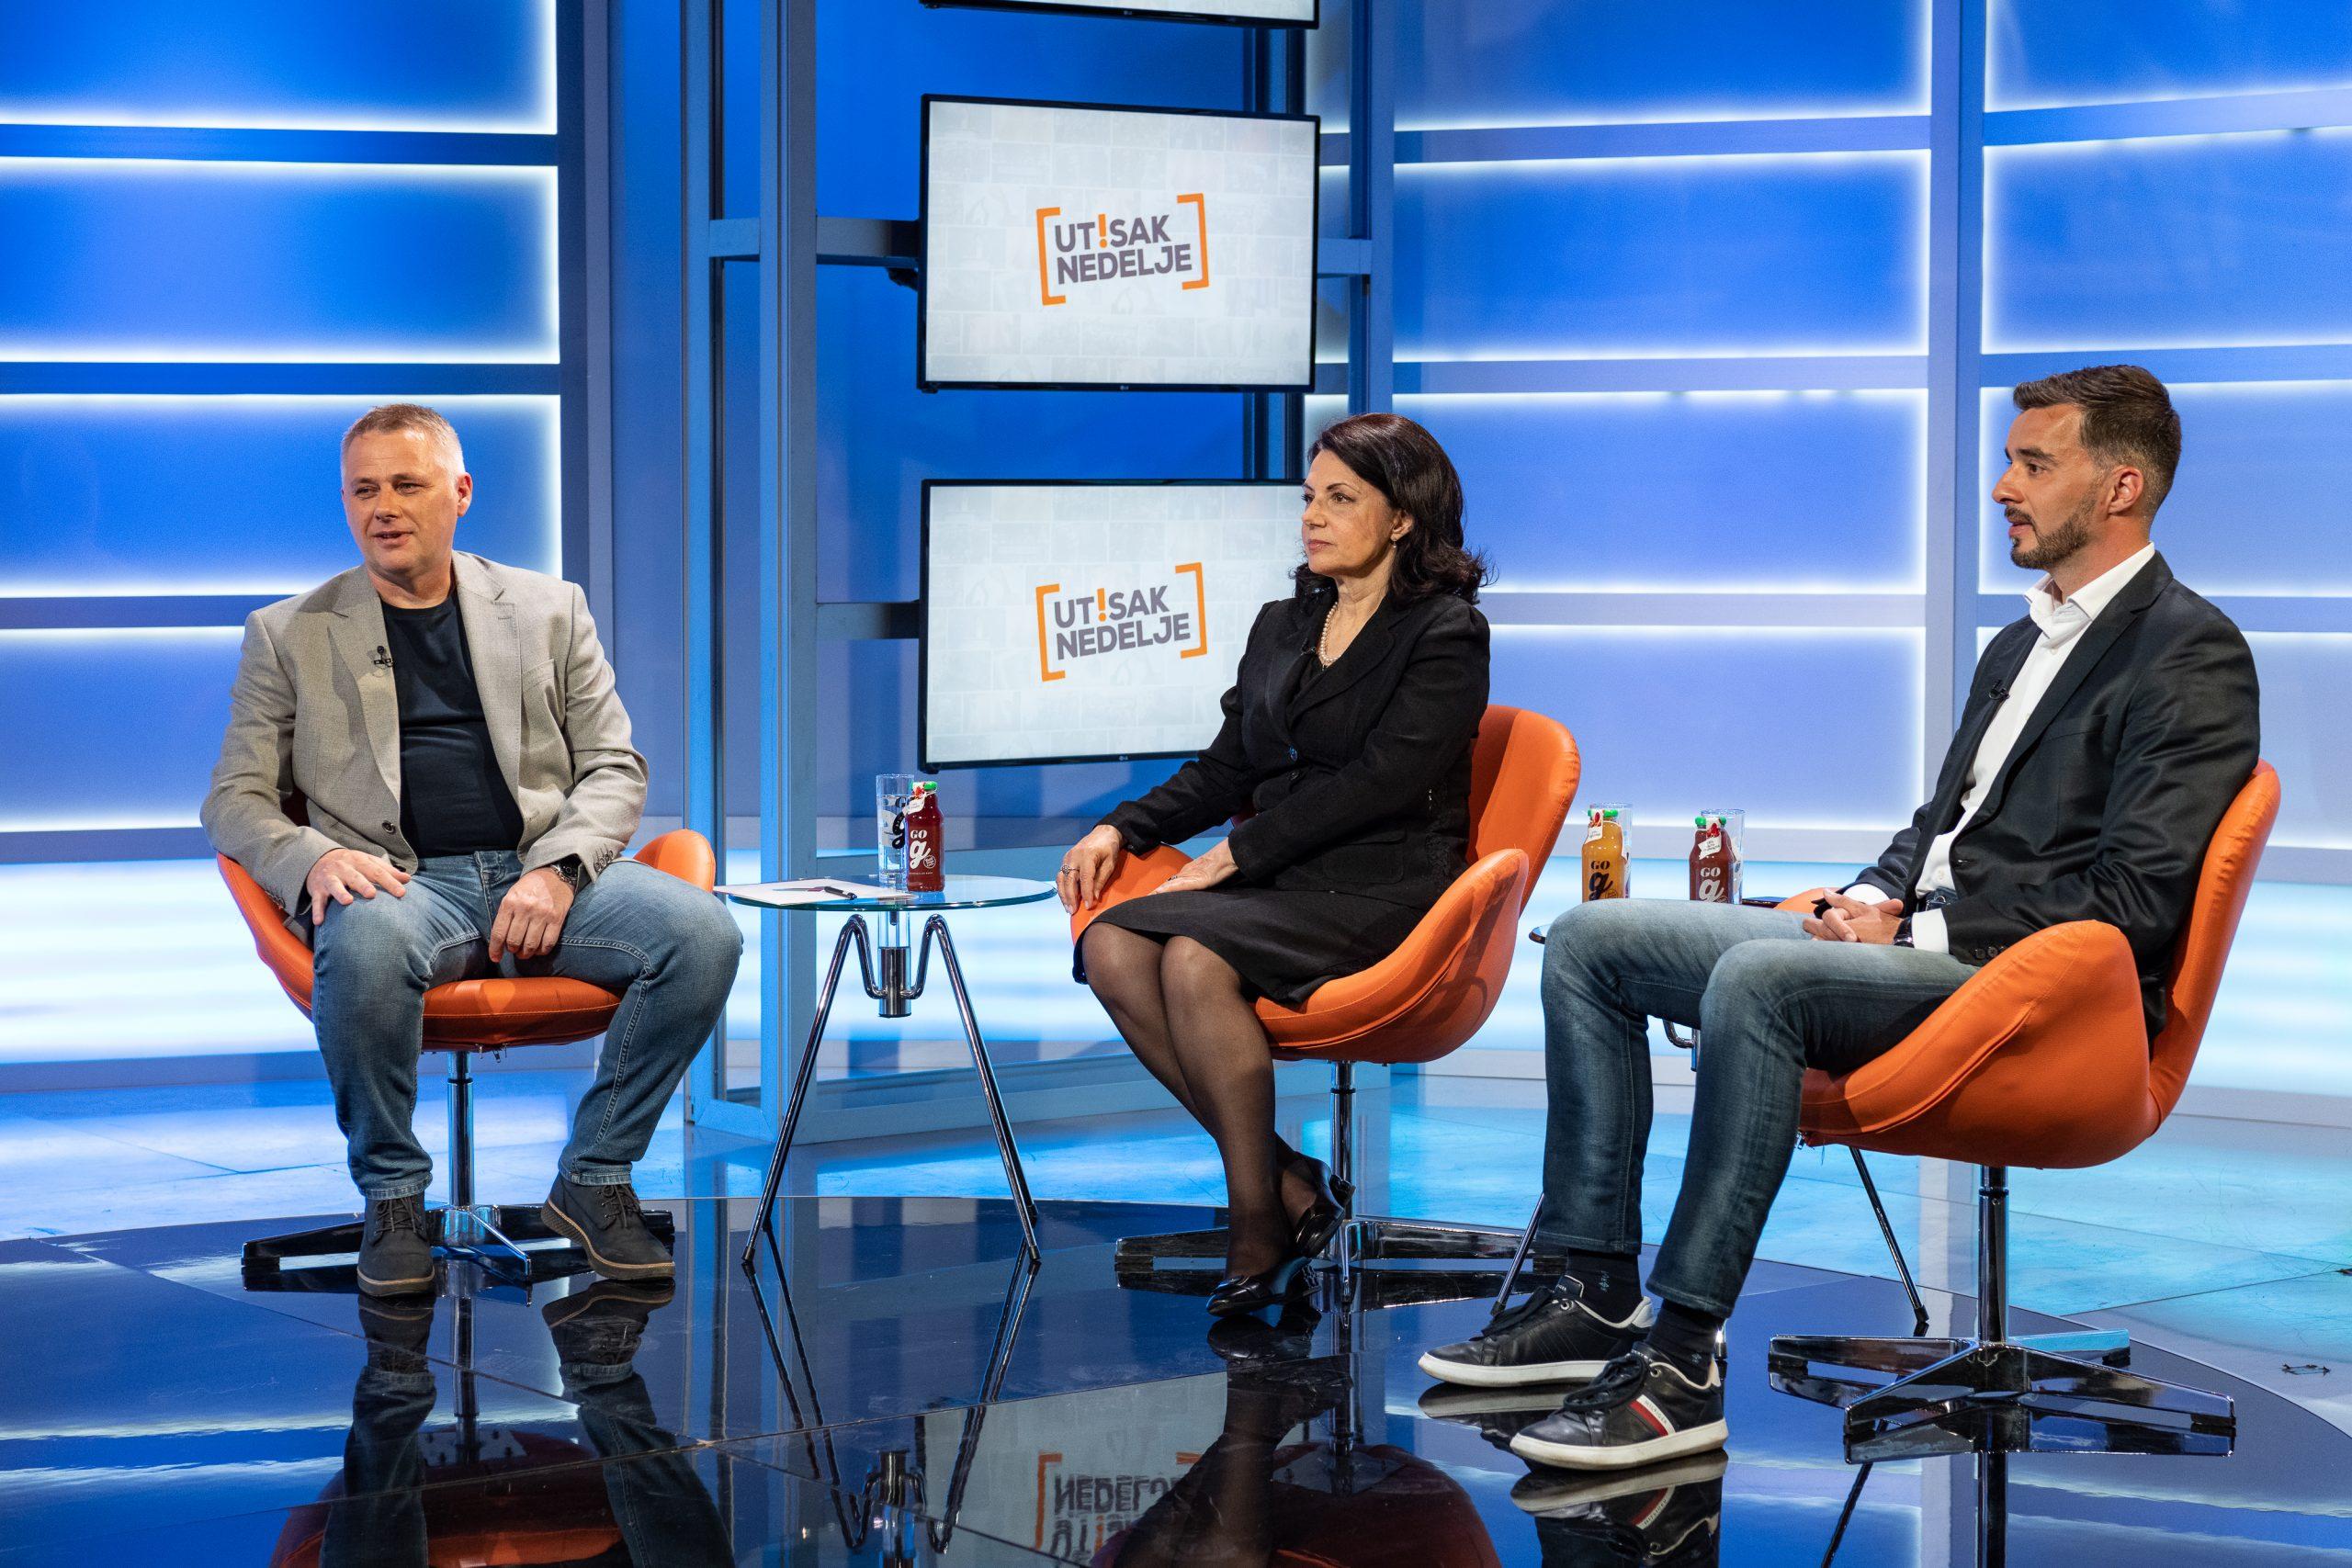 Igor Juric, Sanda Raskovic Ivic, Savo Manojlovic Utisak Nedelje